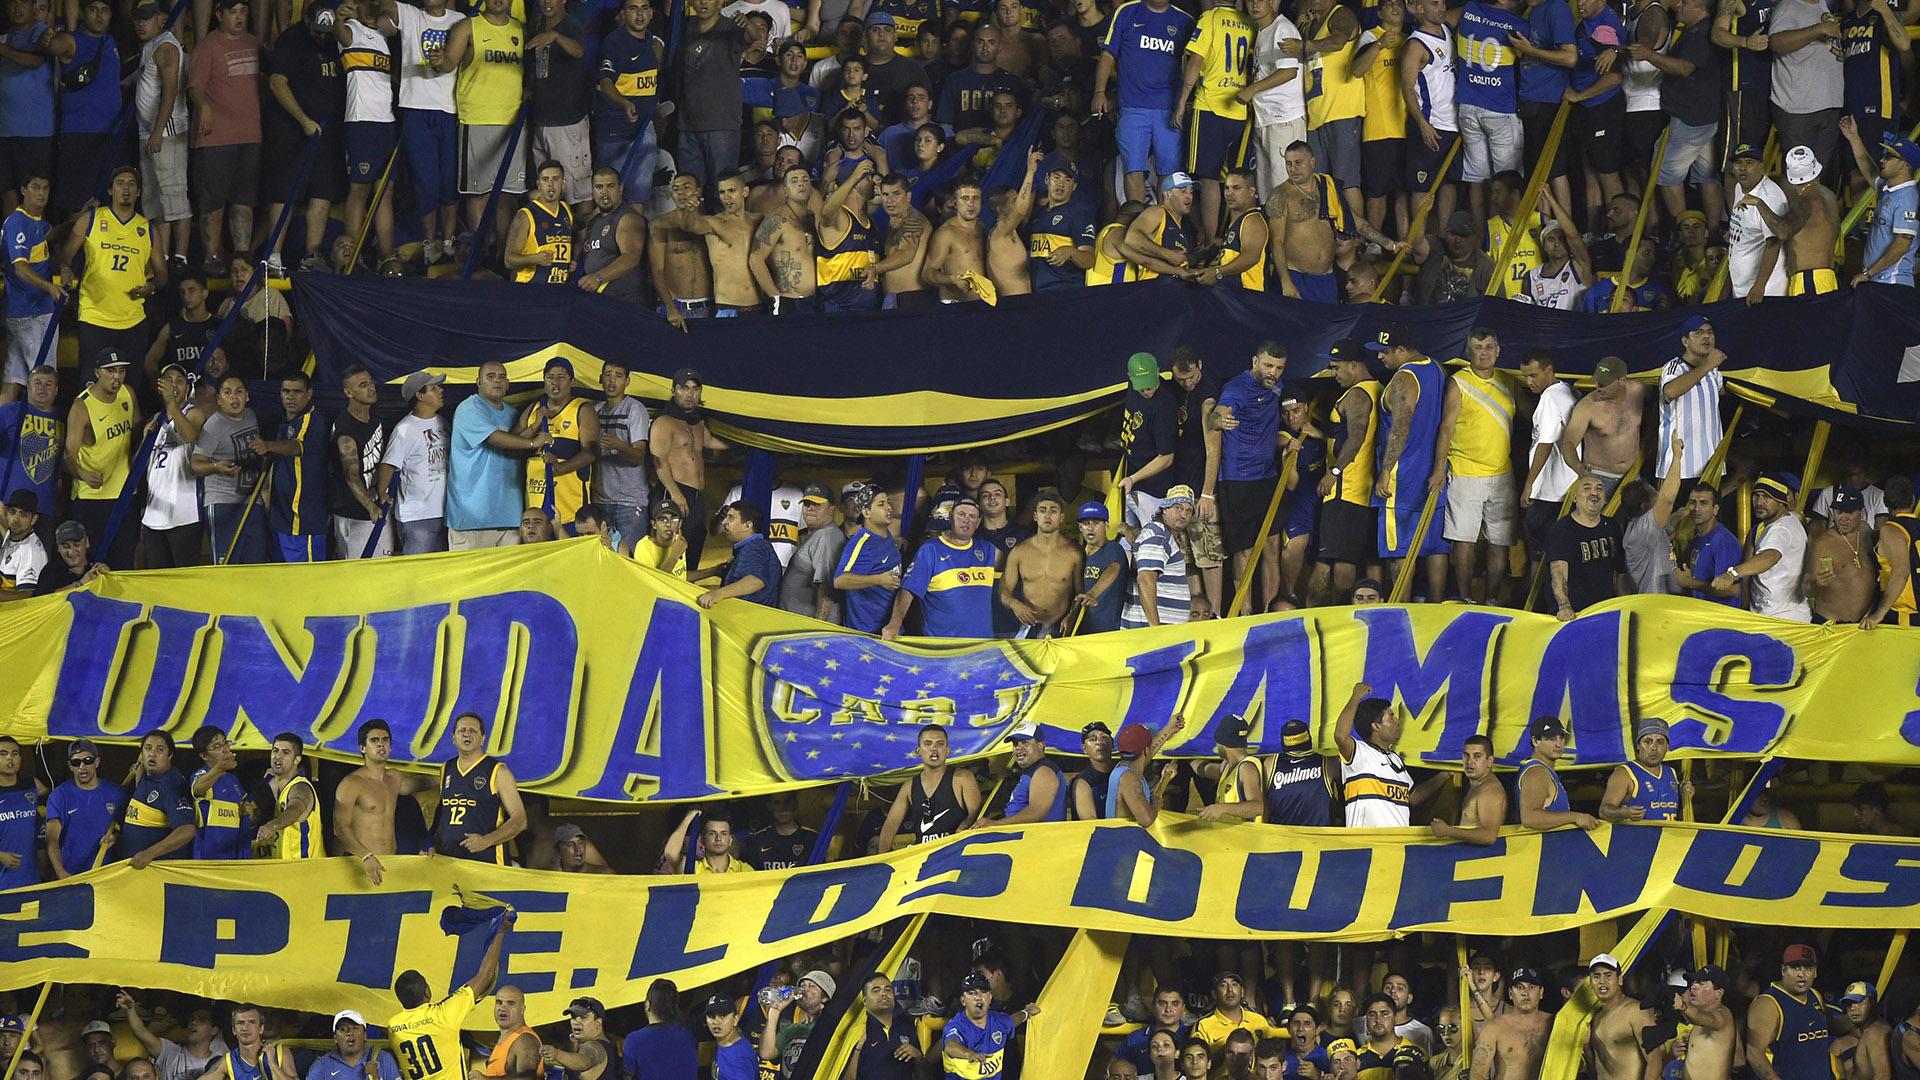 Boca hinchada fans